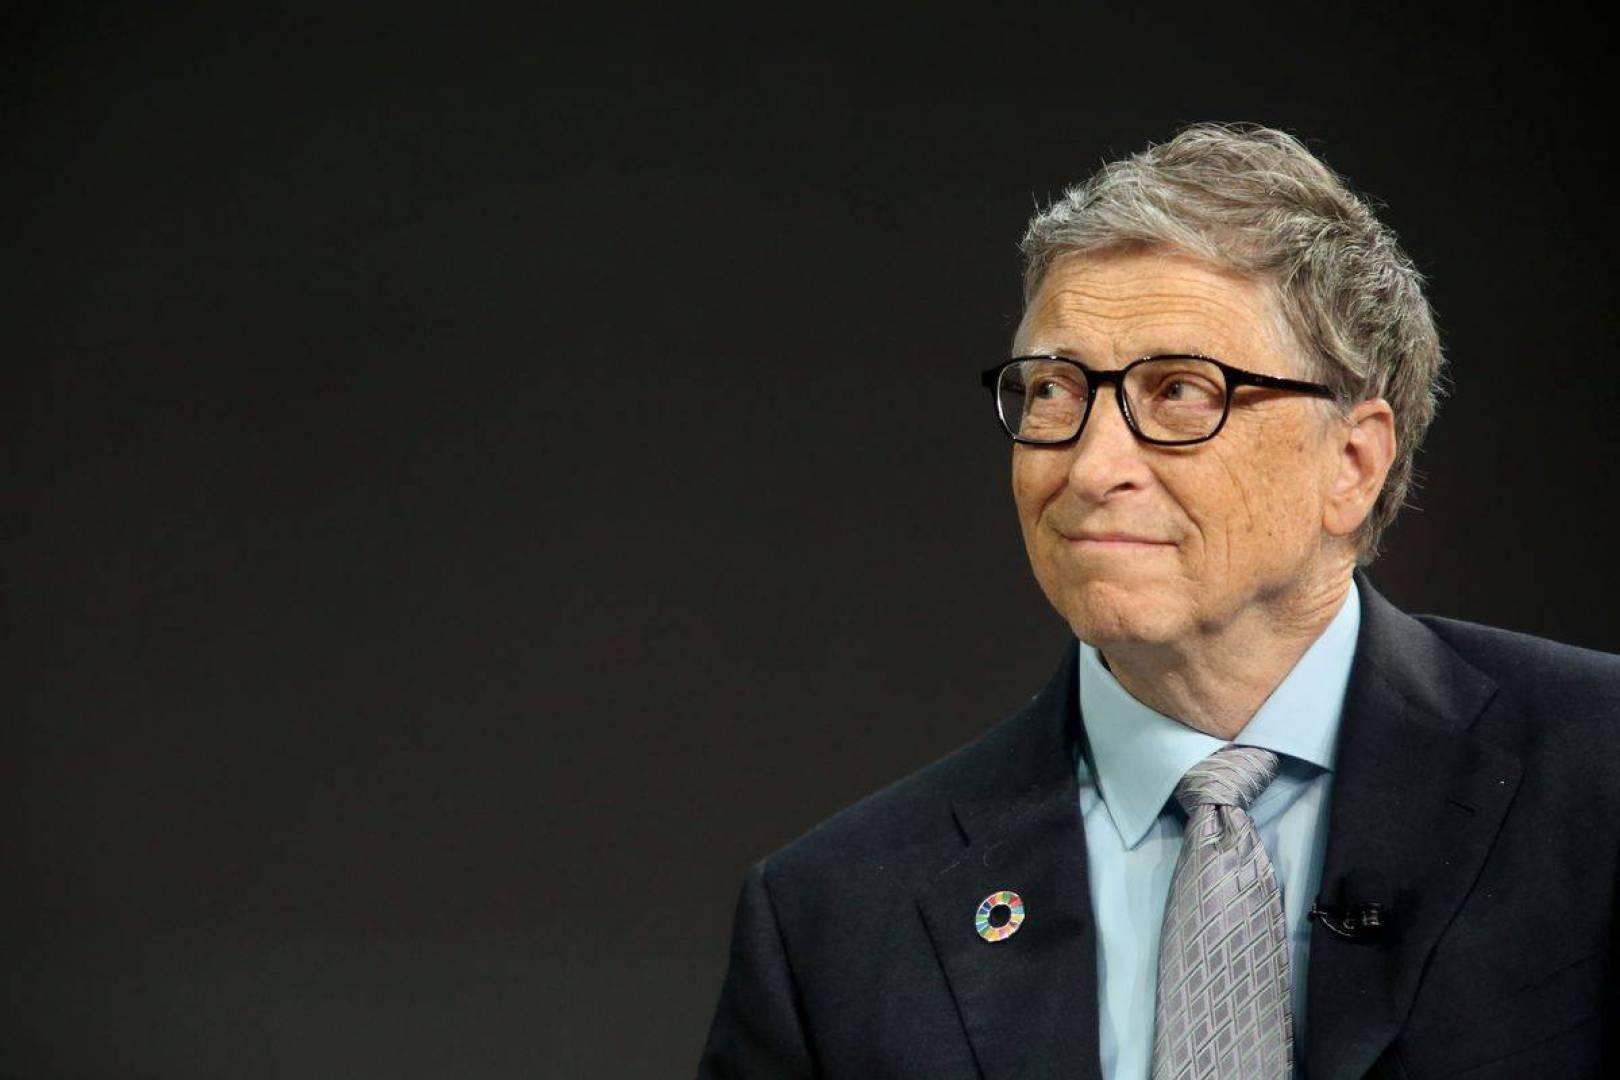 بيل جيتس يتنحى عن إدارة شركة مايكروسوفت